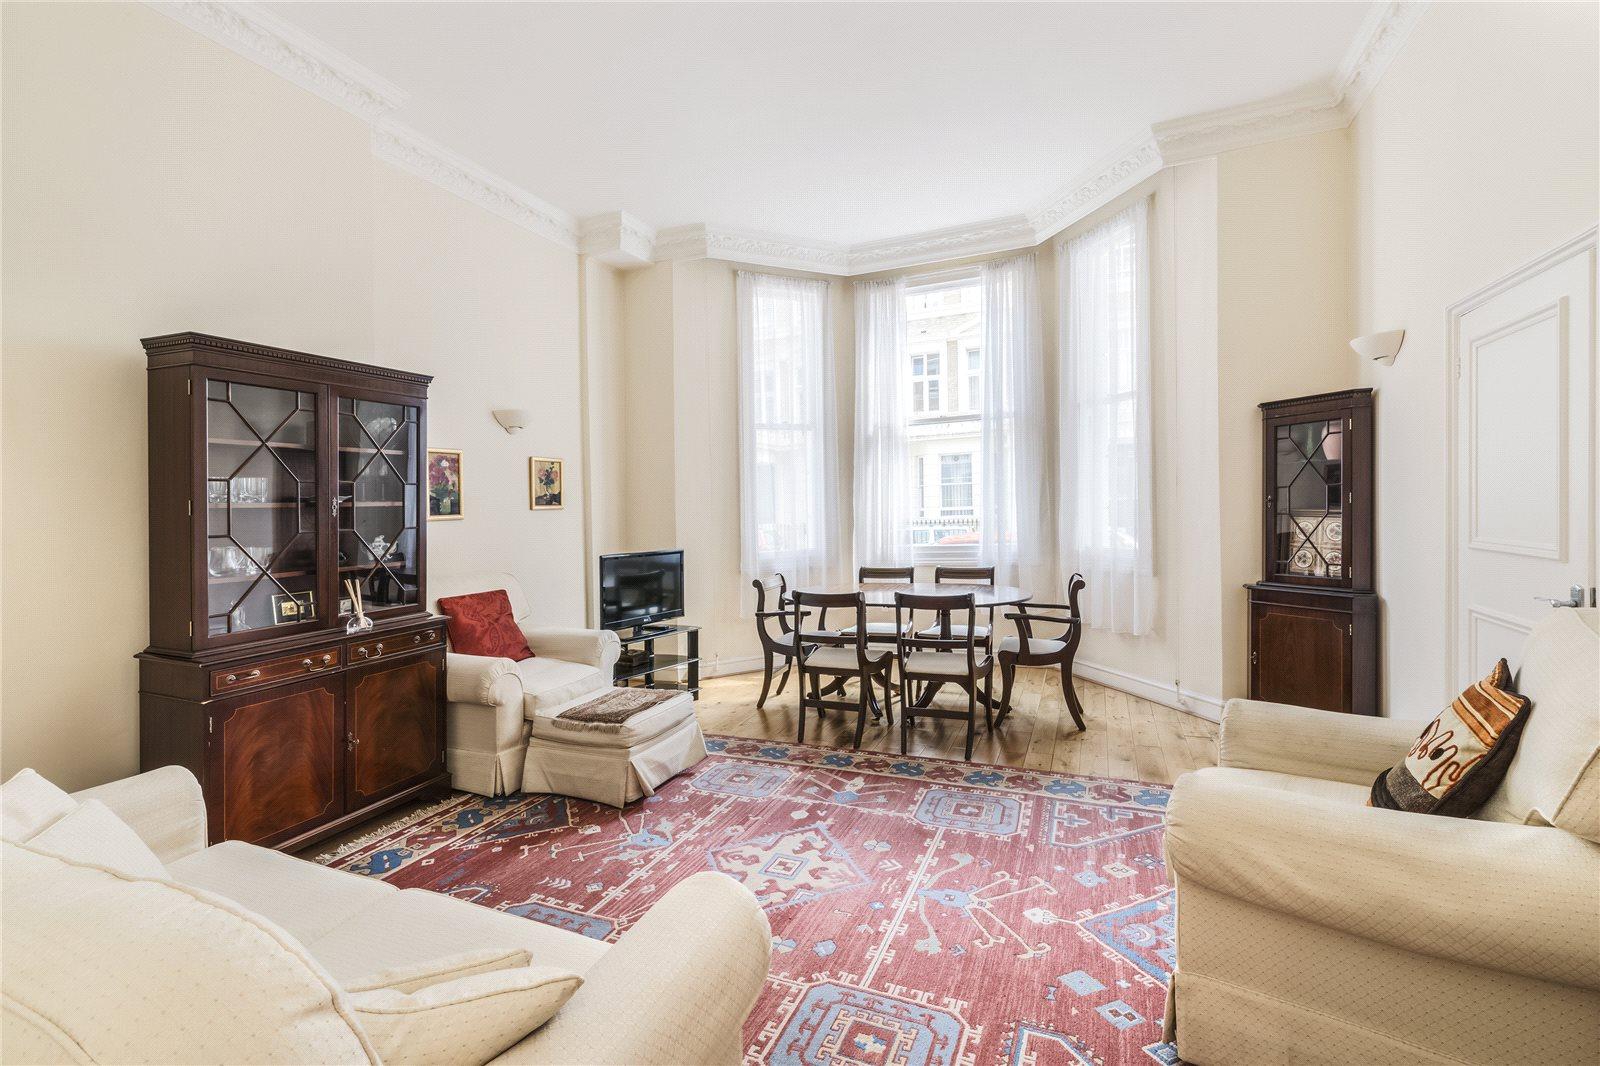 Appartementen voor Verkoop een t Manson Place, South Kensington, London, SW7 South Kensington, London, Engeland